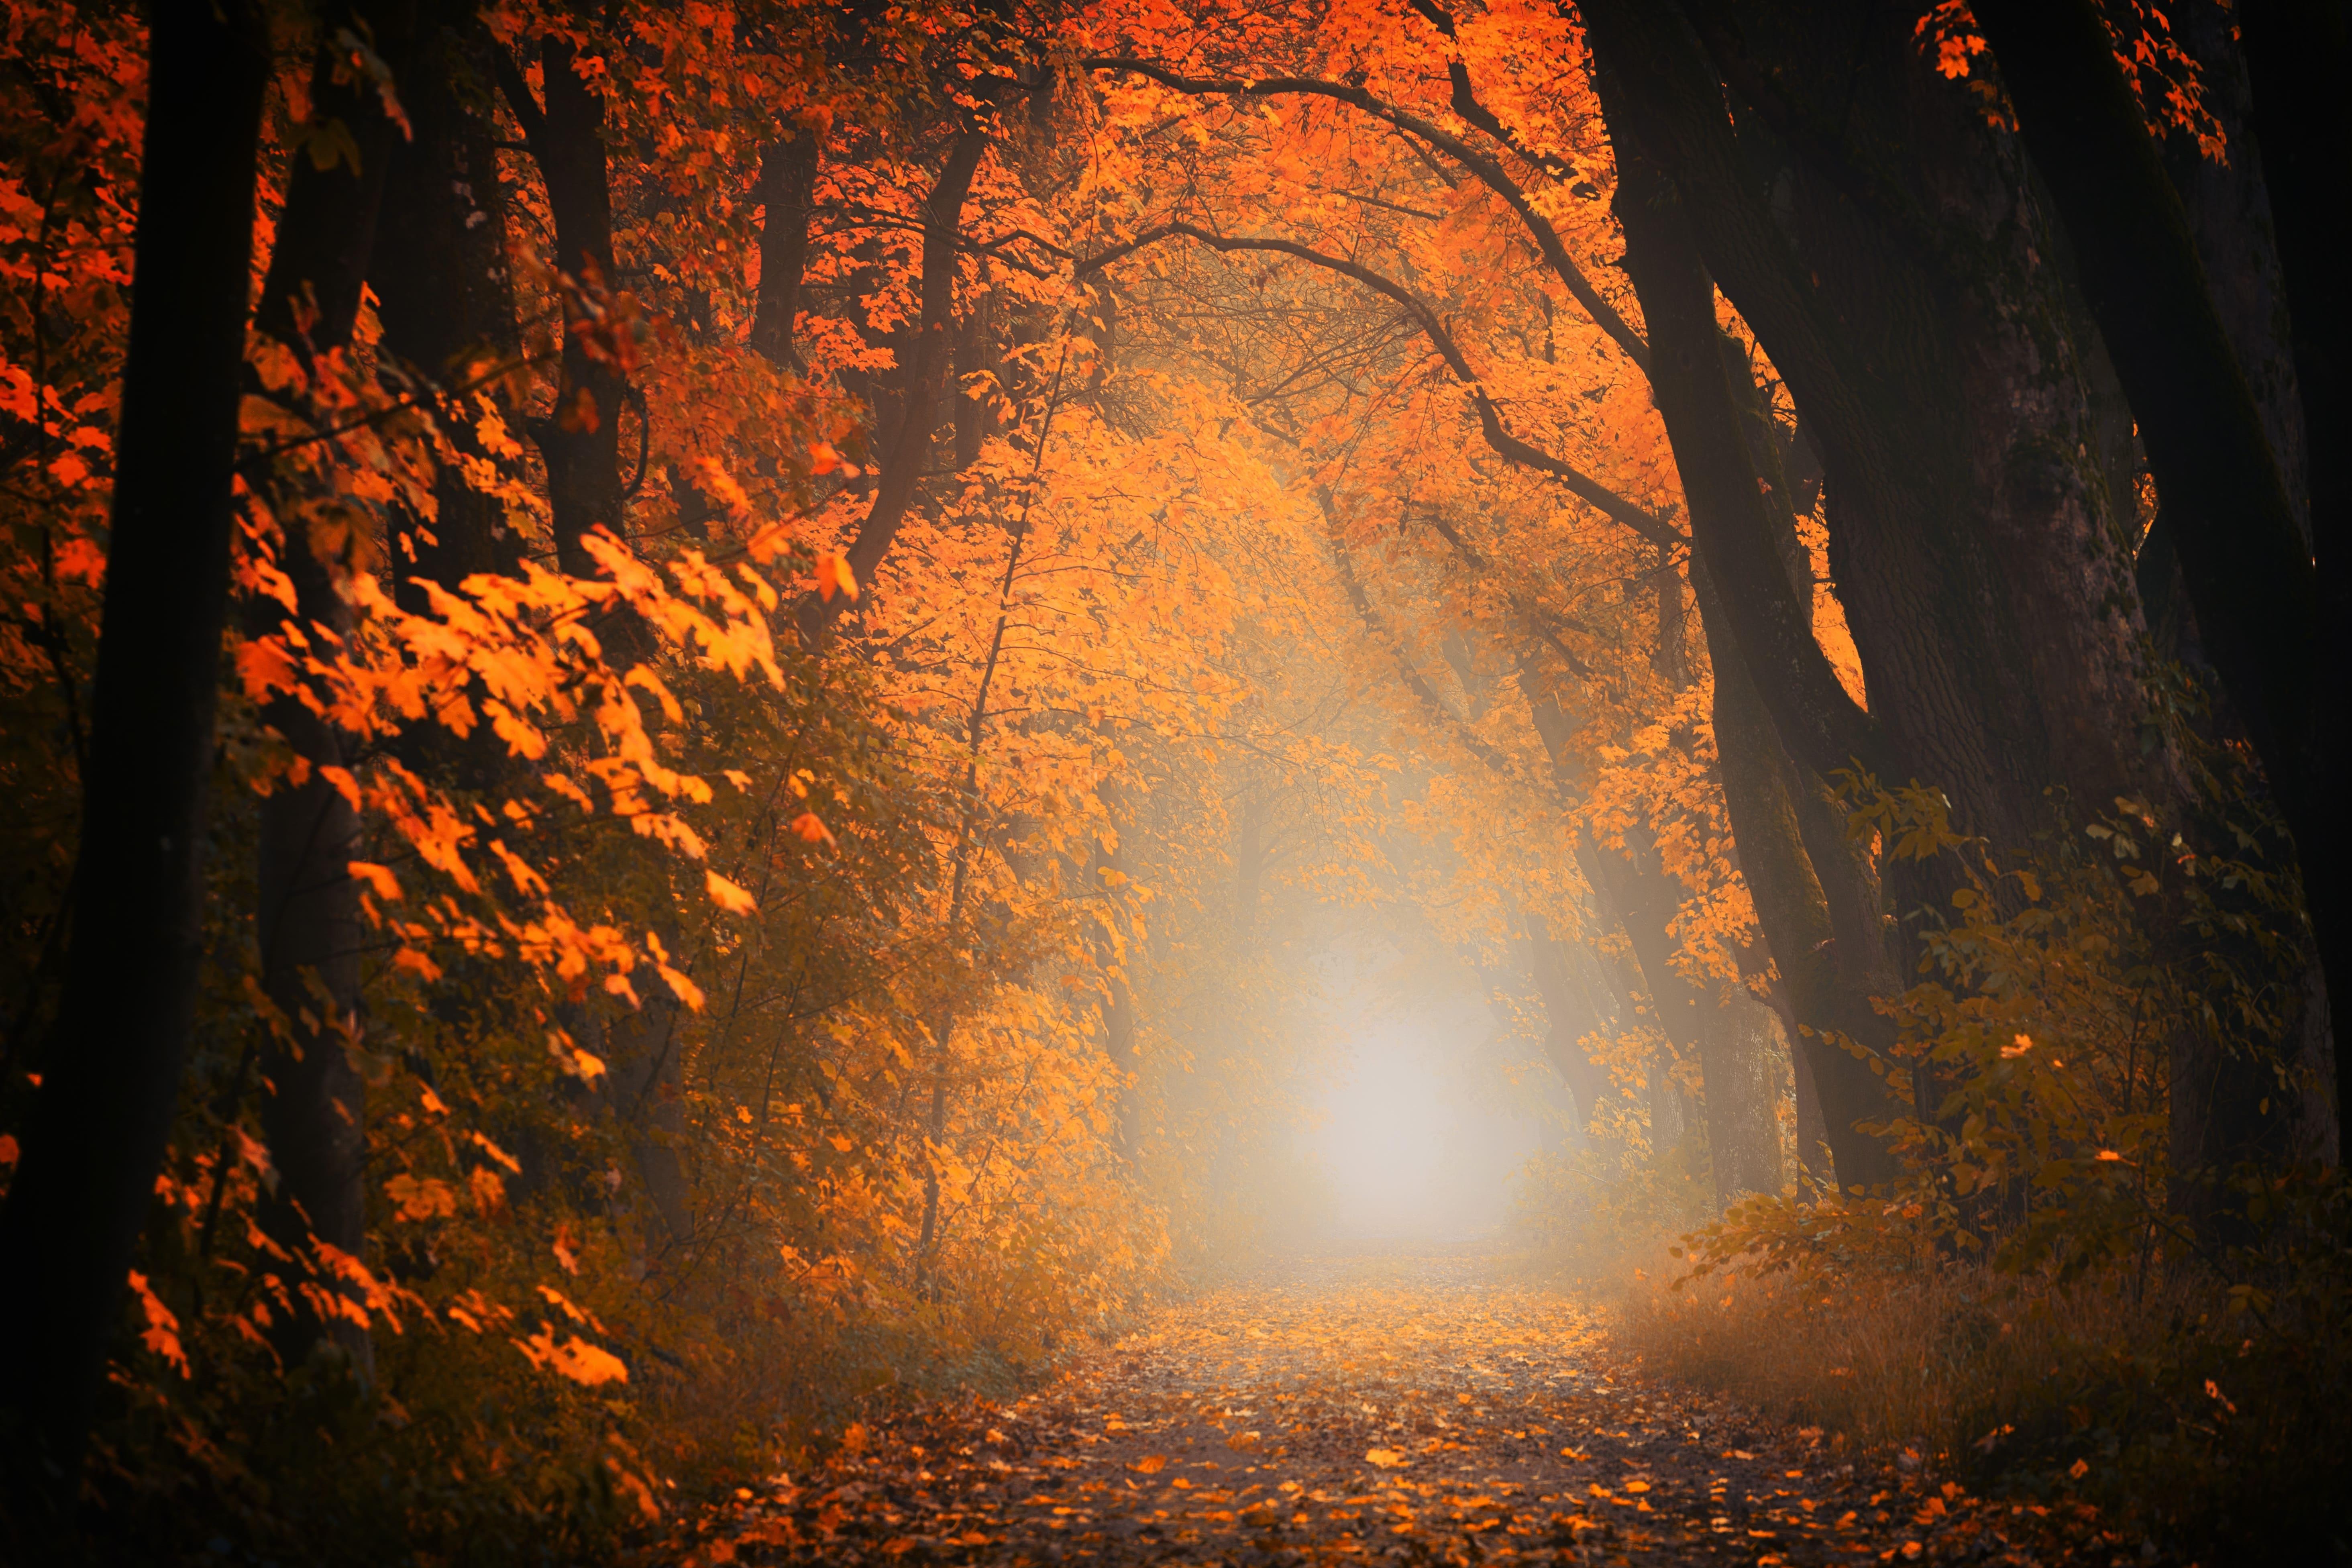 光に照らされた秋の道